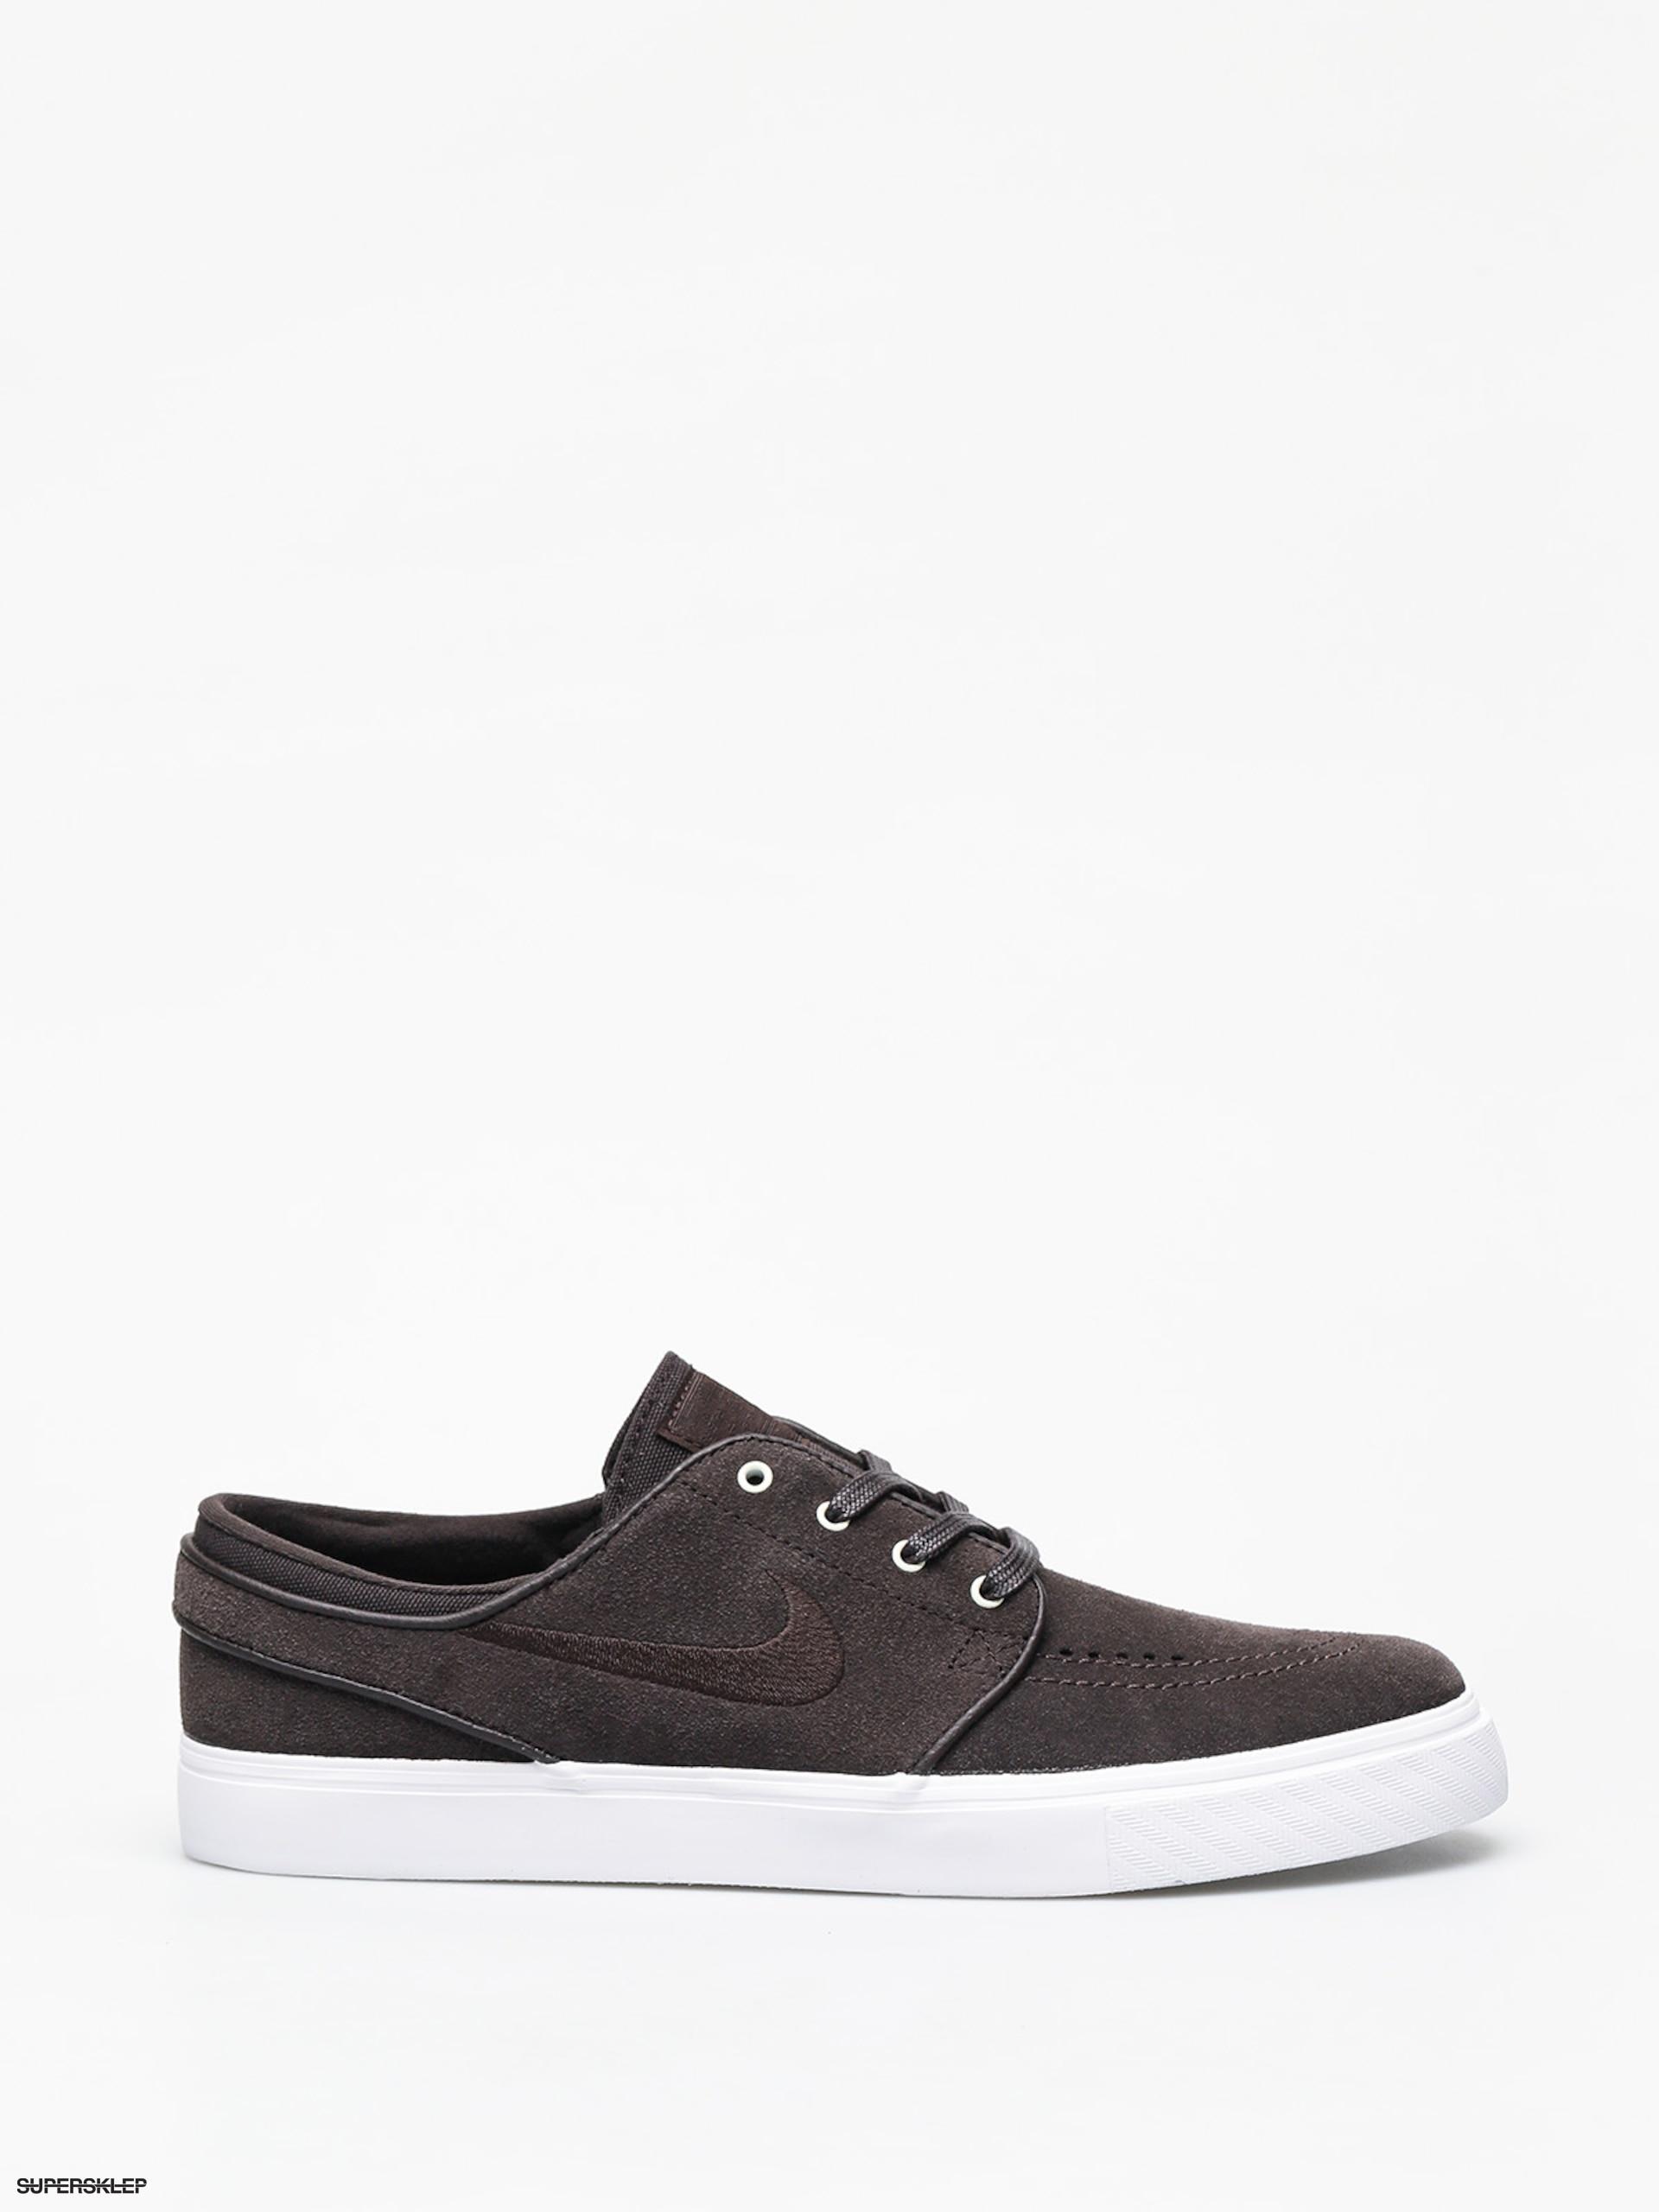 fc20e8a385f6 Buty Nike SB Zoom Stefan Janoski (velvet brown velvet brown white)